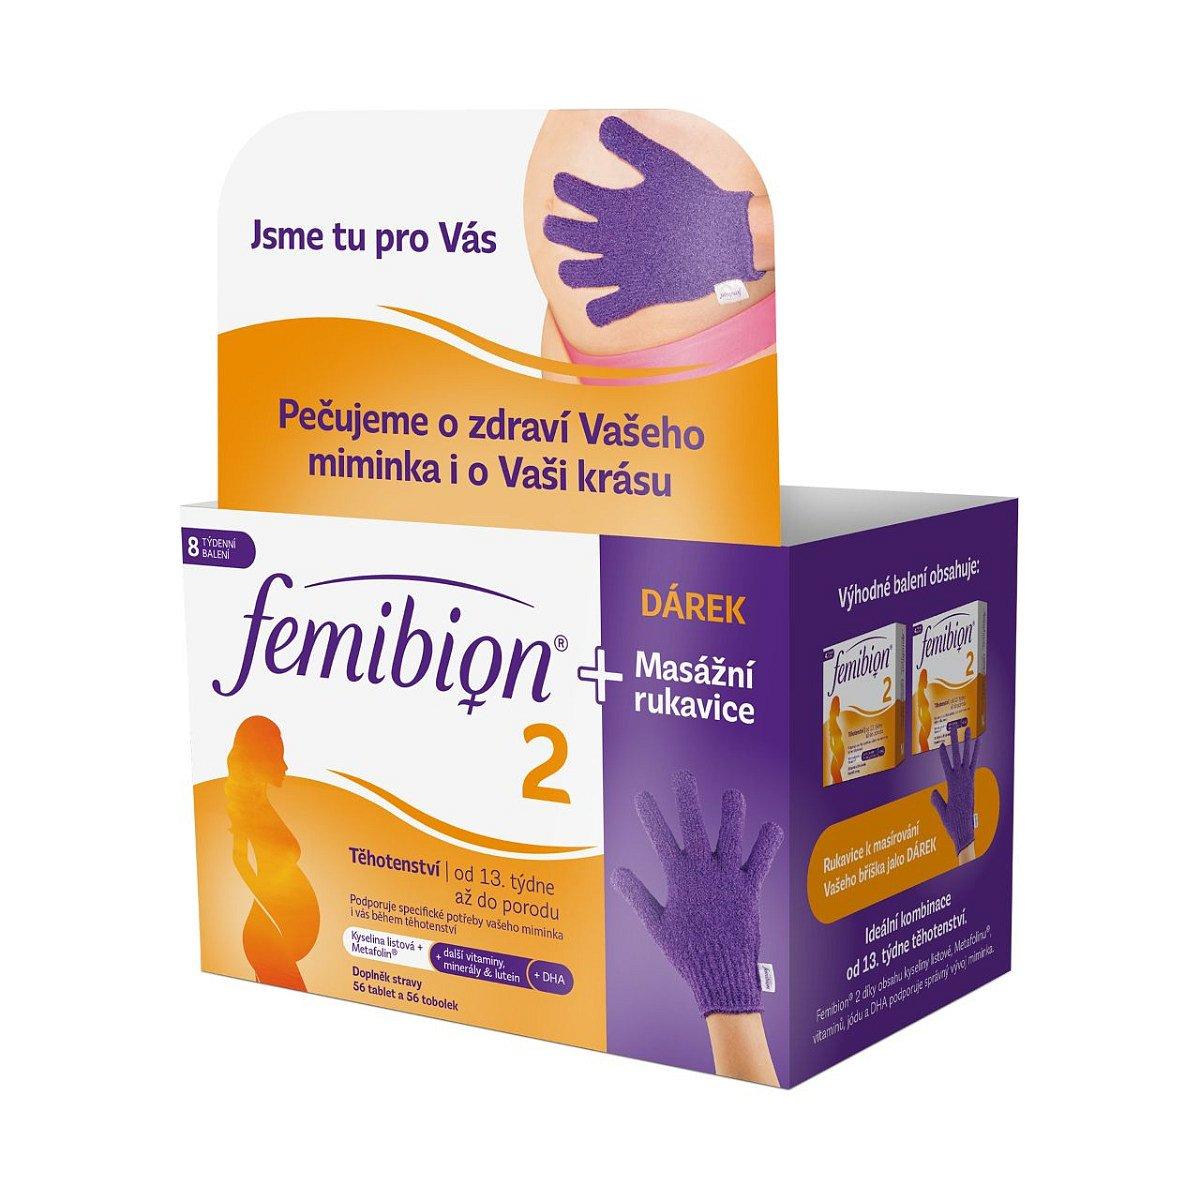 Femibion 2 Těhotenství 56 tablet + 56 tobolek + masážní rukavice